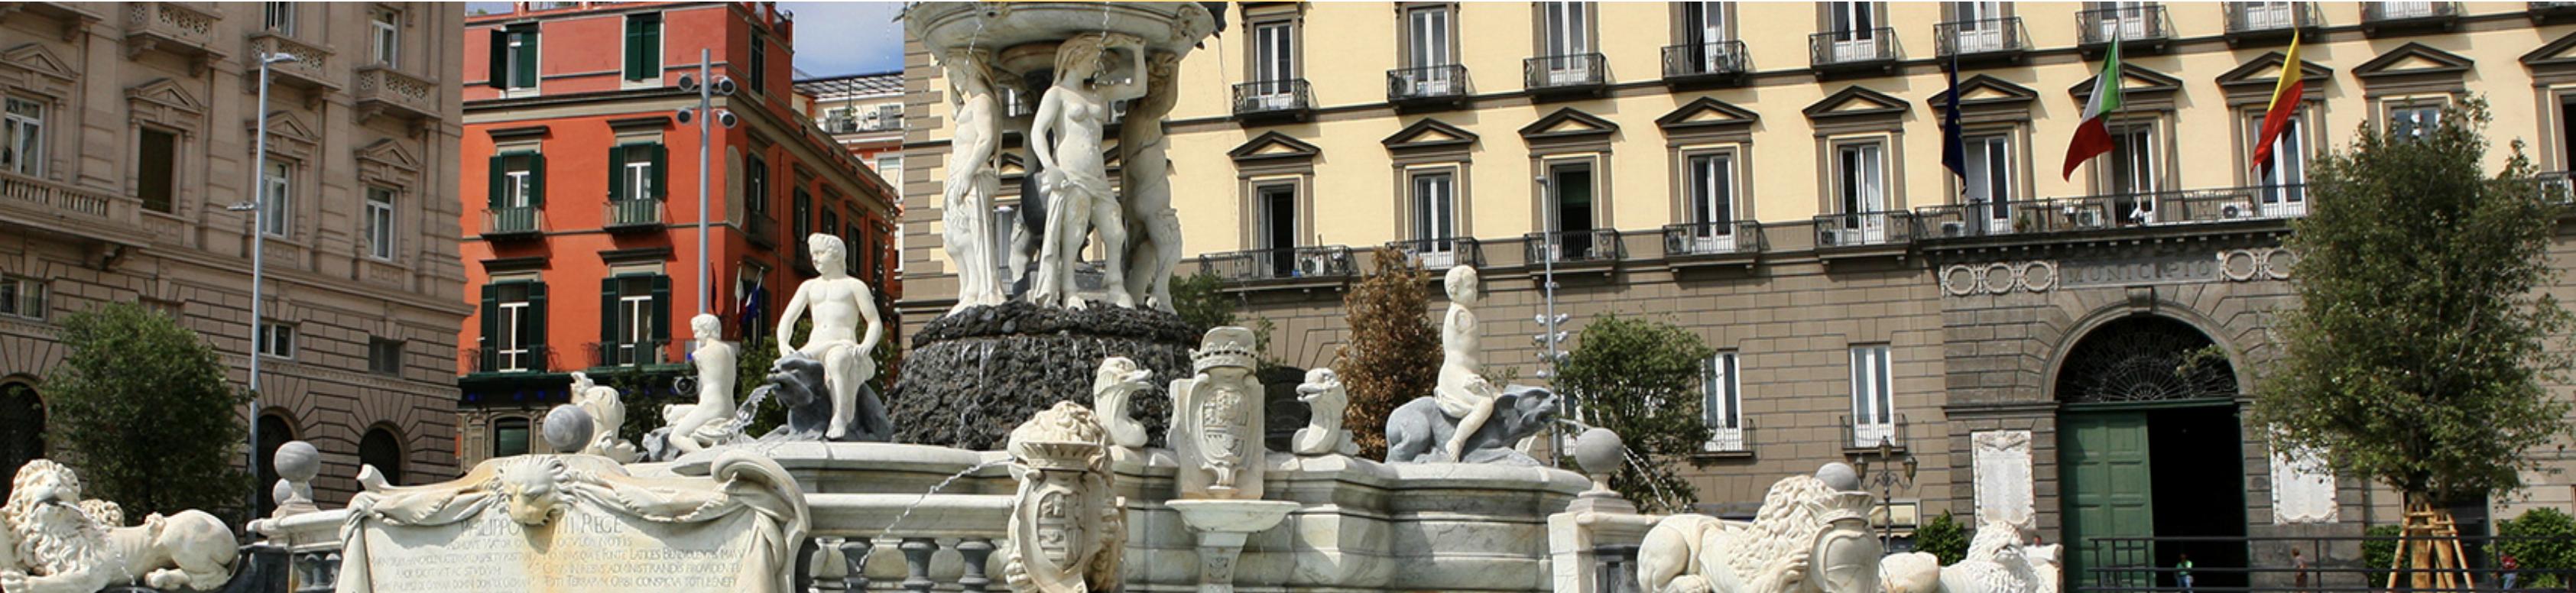 Opportunità per i Giovani: il 2019 del Comune di Napoli!